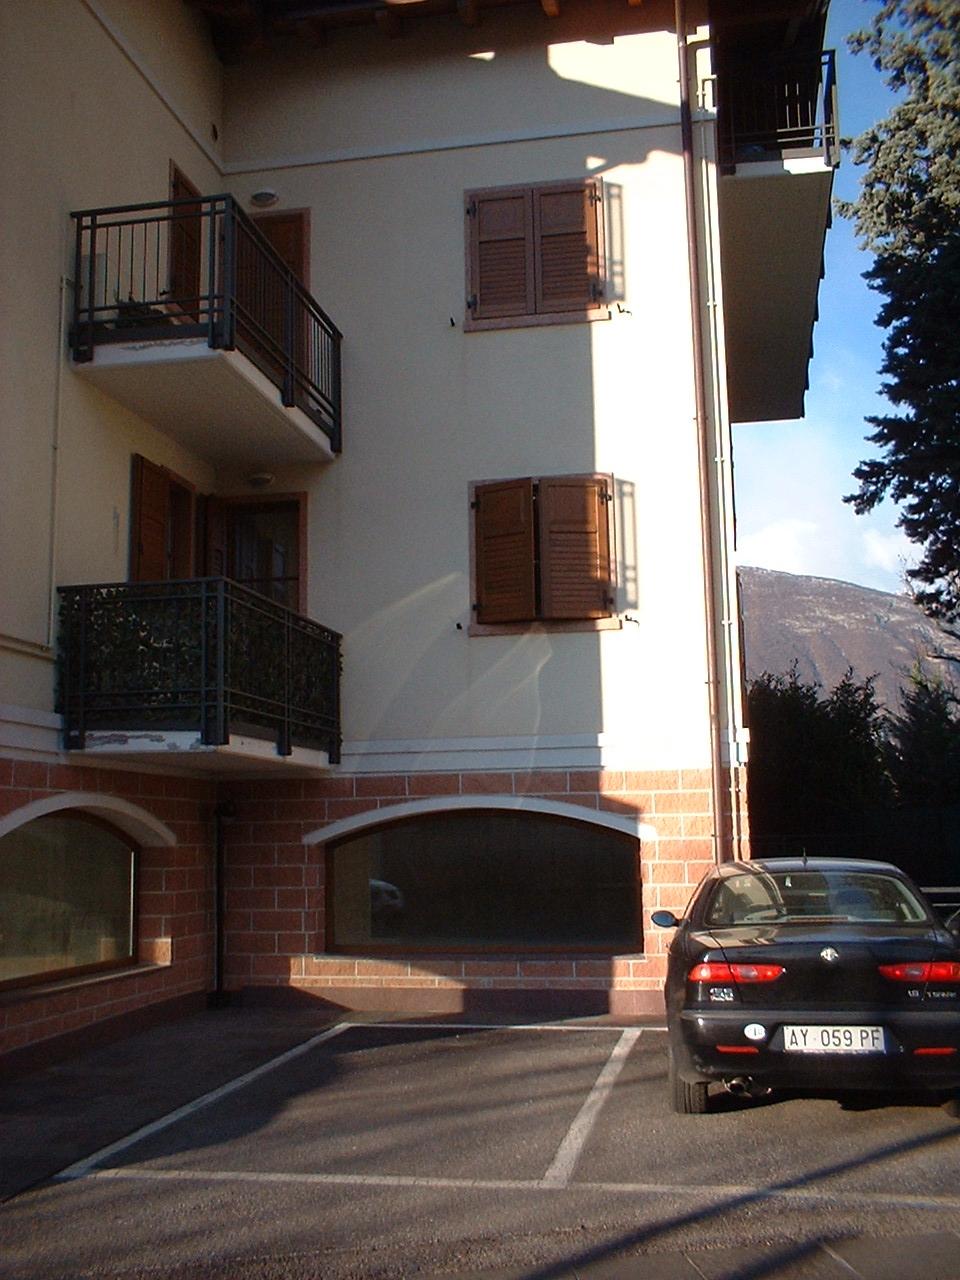 Attività / Licenza in vendita a Mezzocorona, 4 locali, prezzo € 275.000 | CambioCasa.it